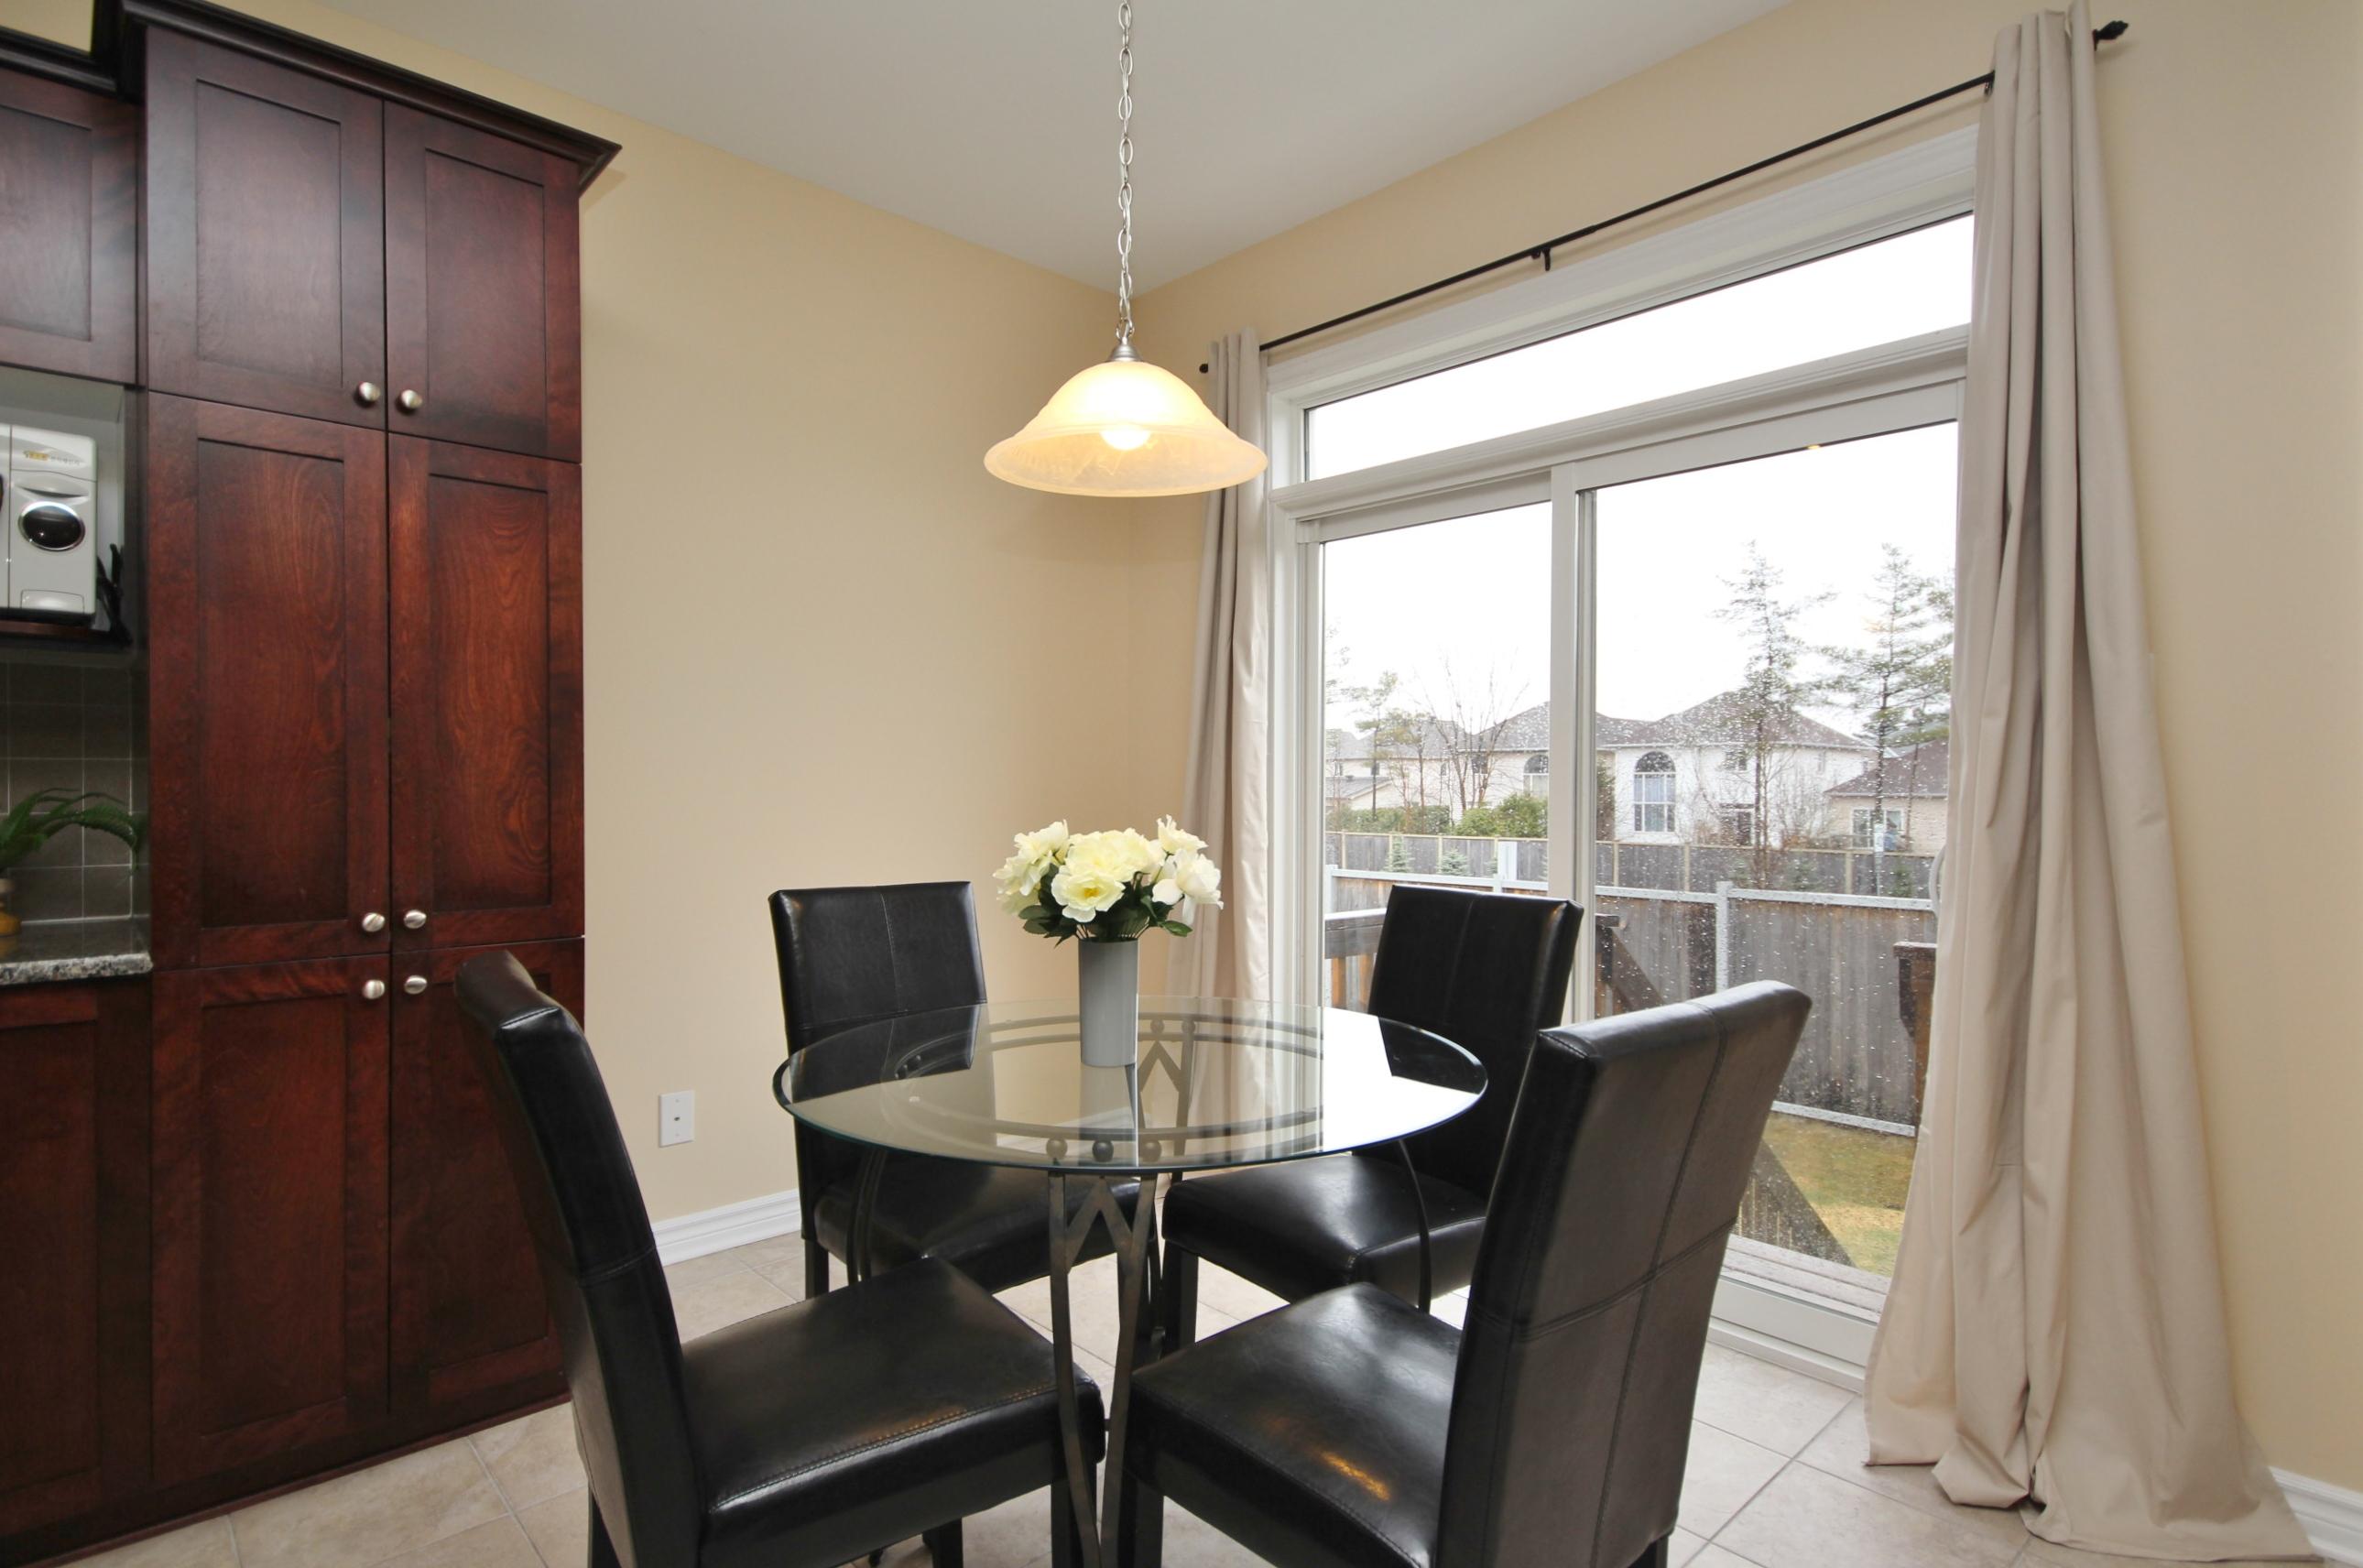 Virtual tour 174786 28 ottawa real estate sales for Virtual tour kitchen designs